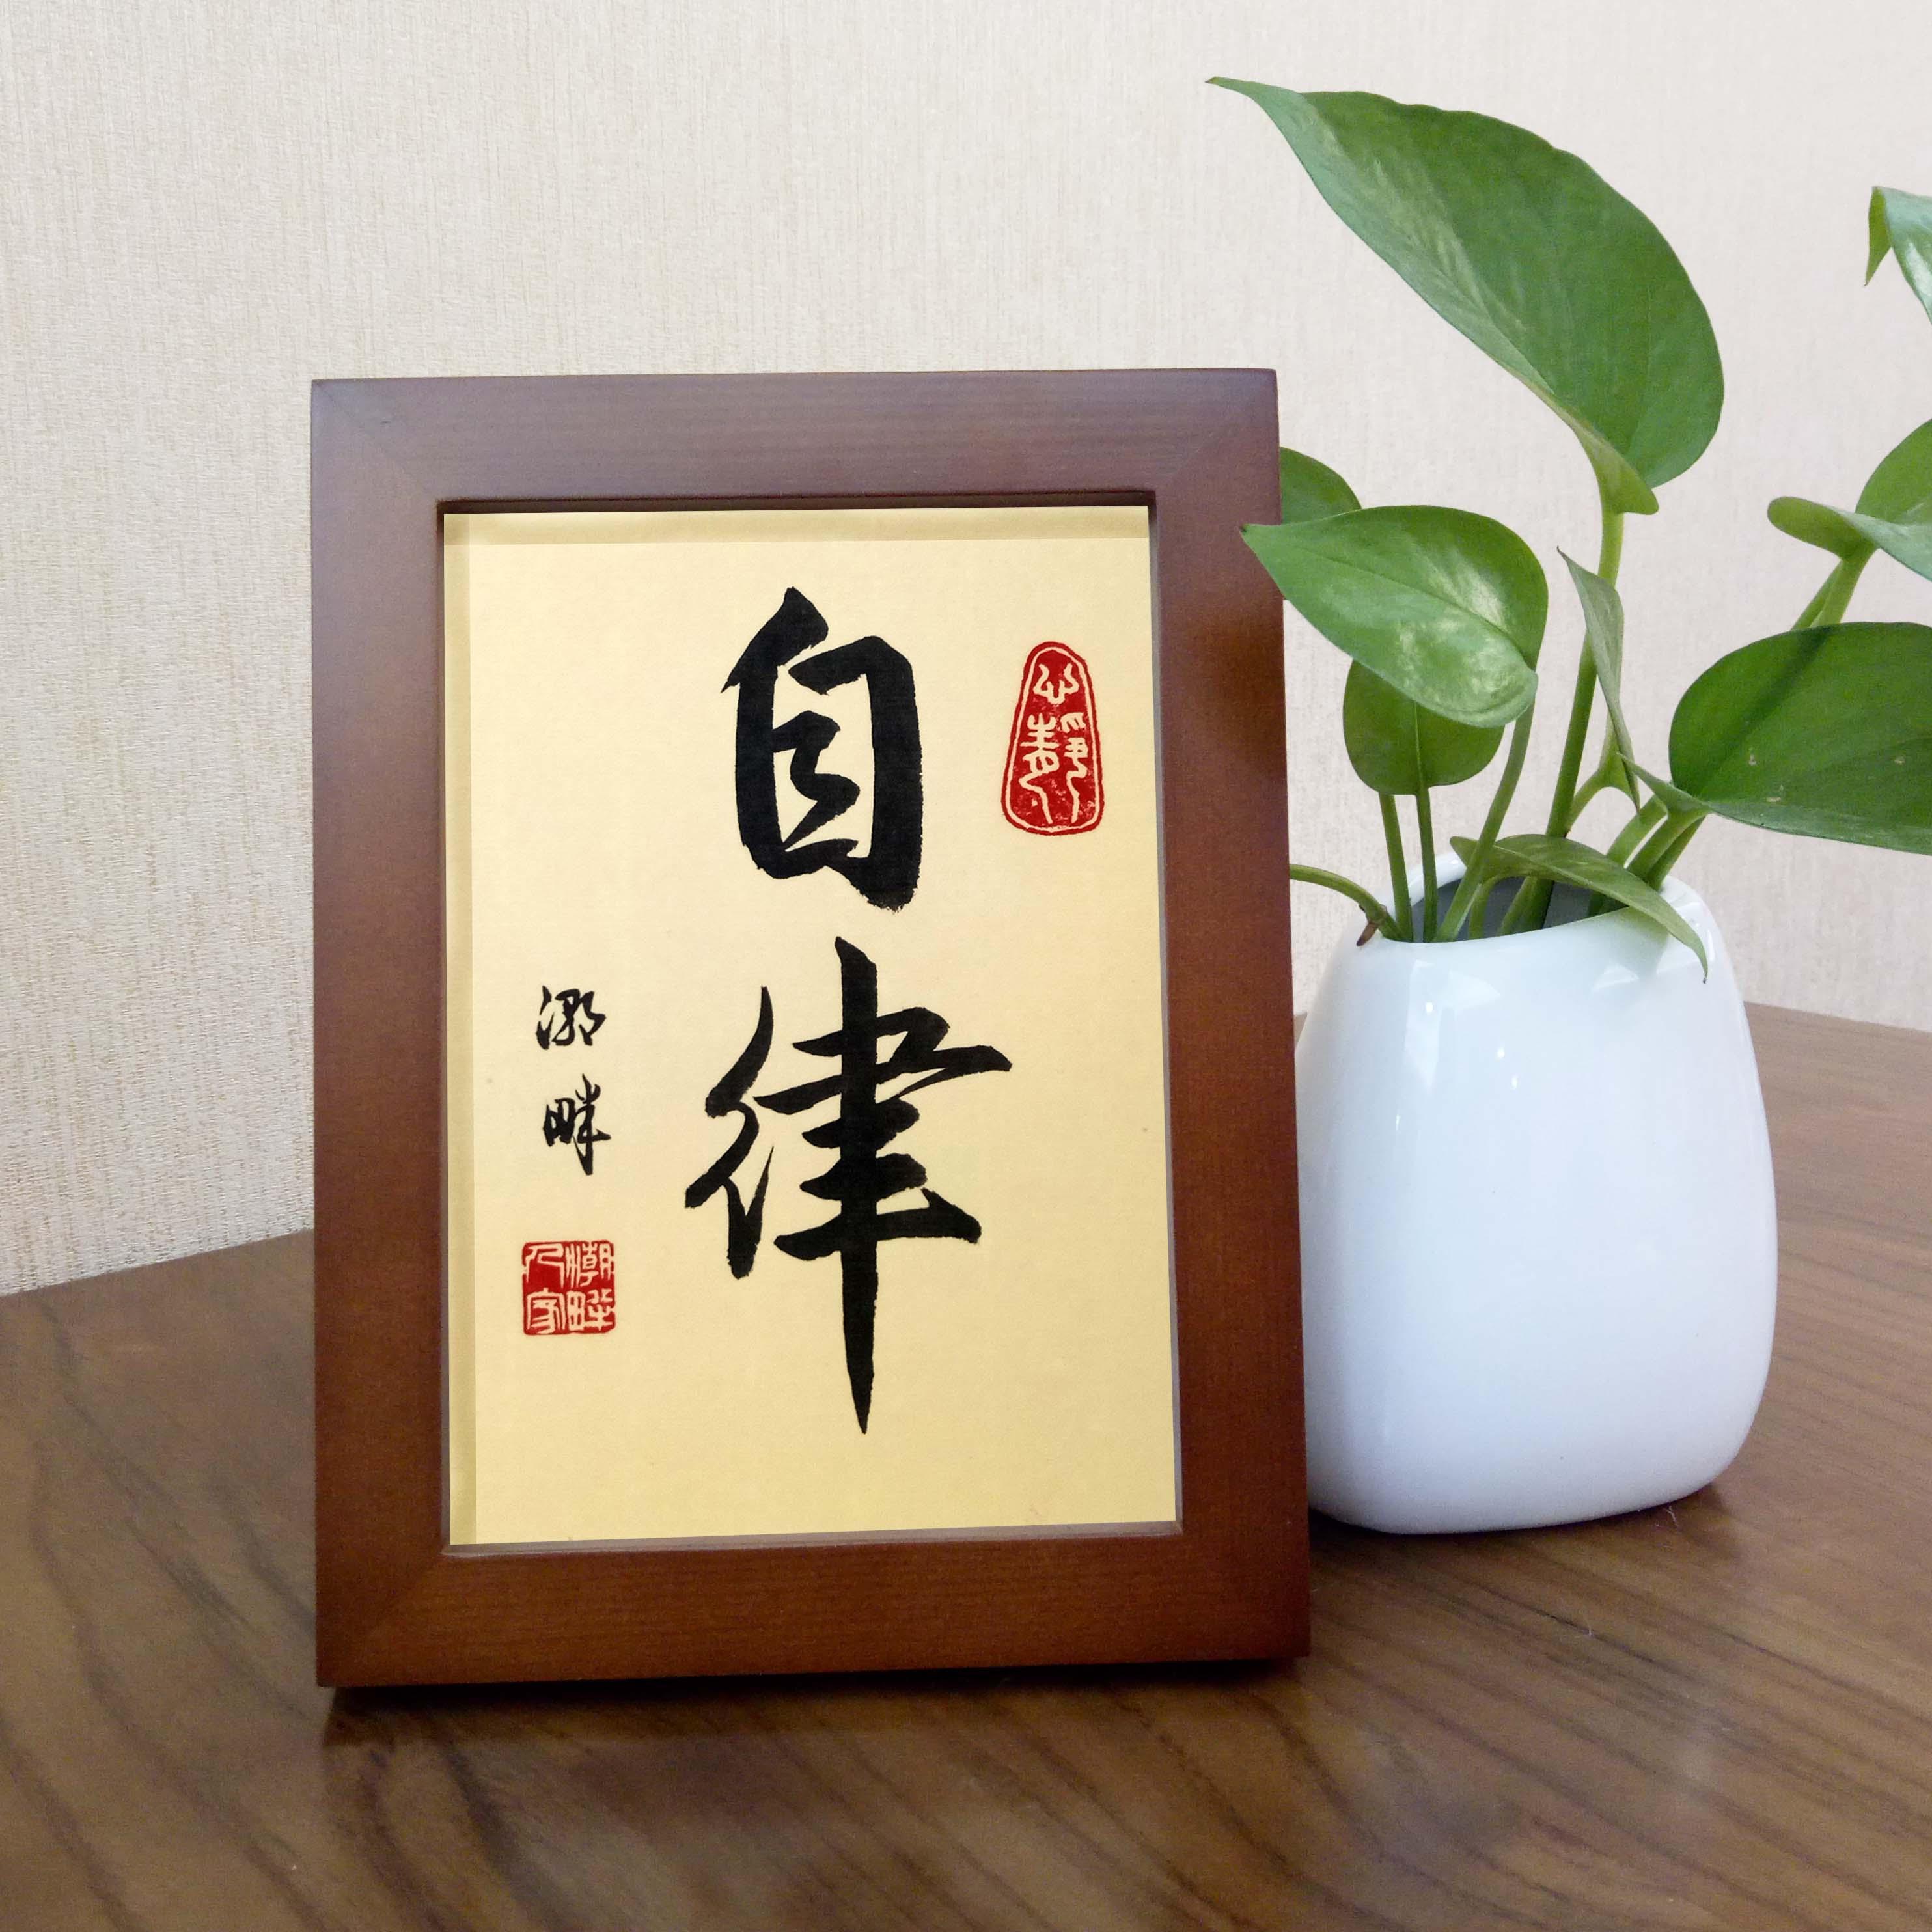 自律手寫書法字畫帶實木框客廳辦公室桌面擺件勵志座右銘家居掛畫